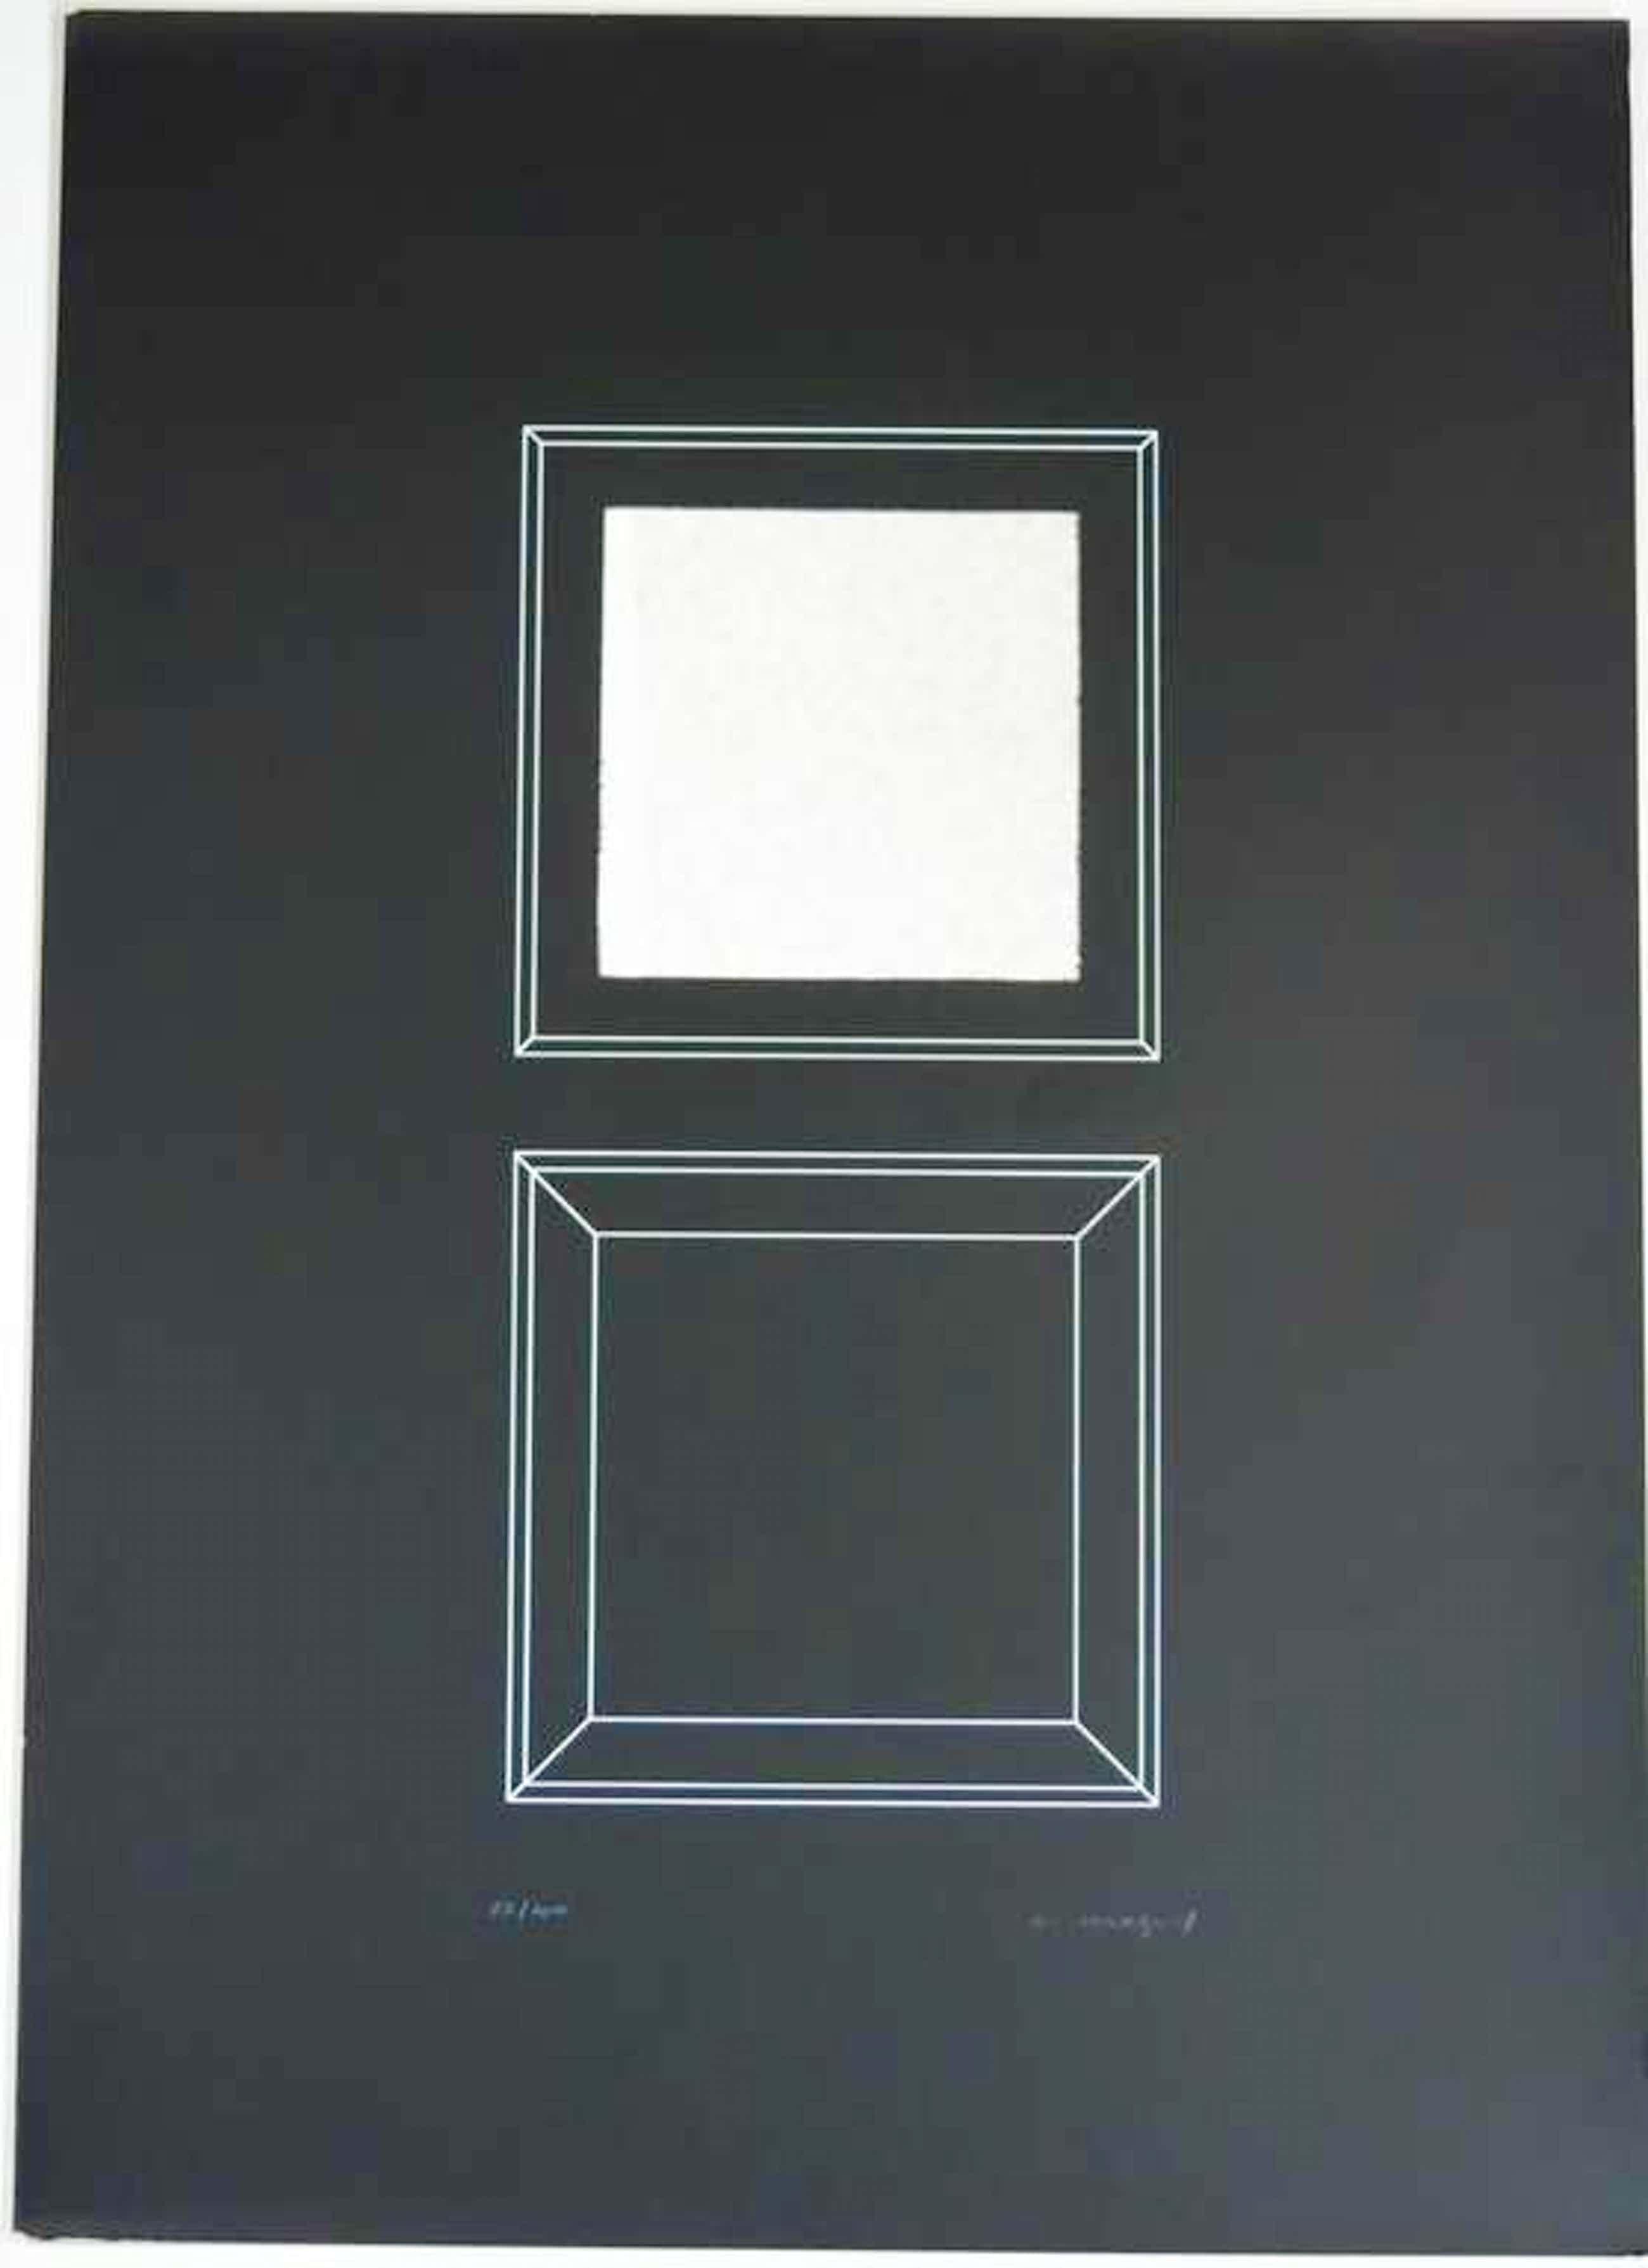 Christian Megert: Zeefdruk, Compositie met vierkanten en echte spiegel kopen? Bied vanaf 100!